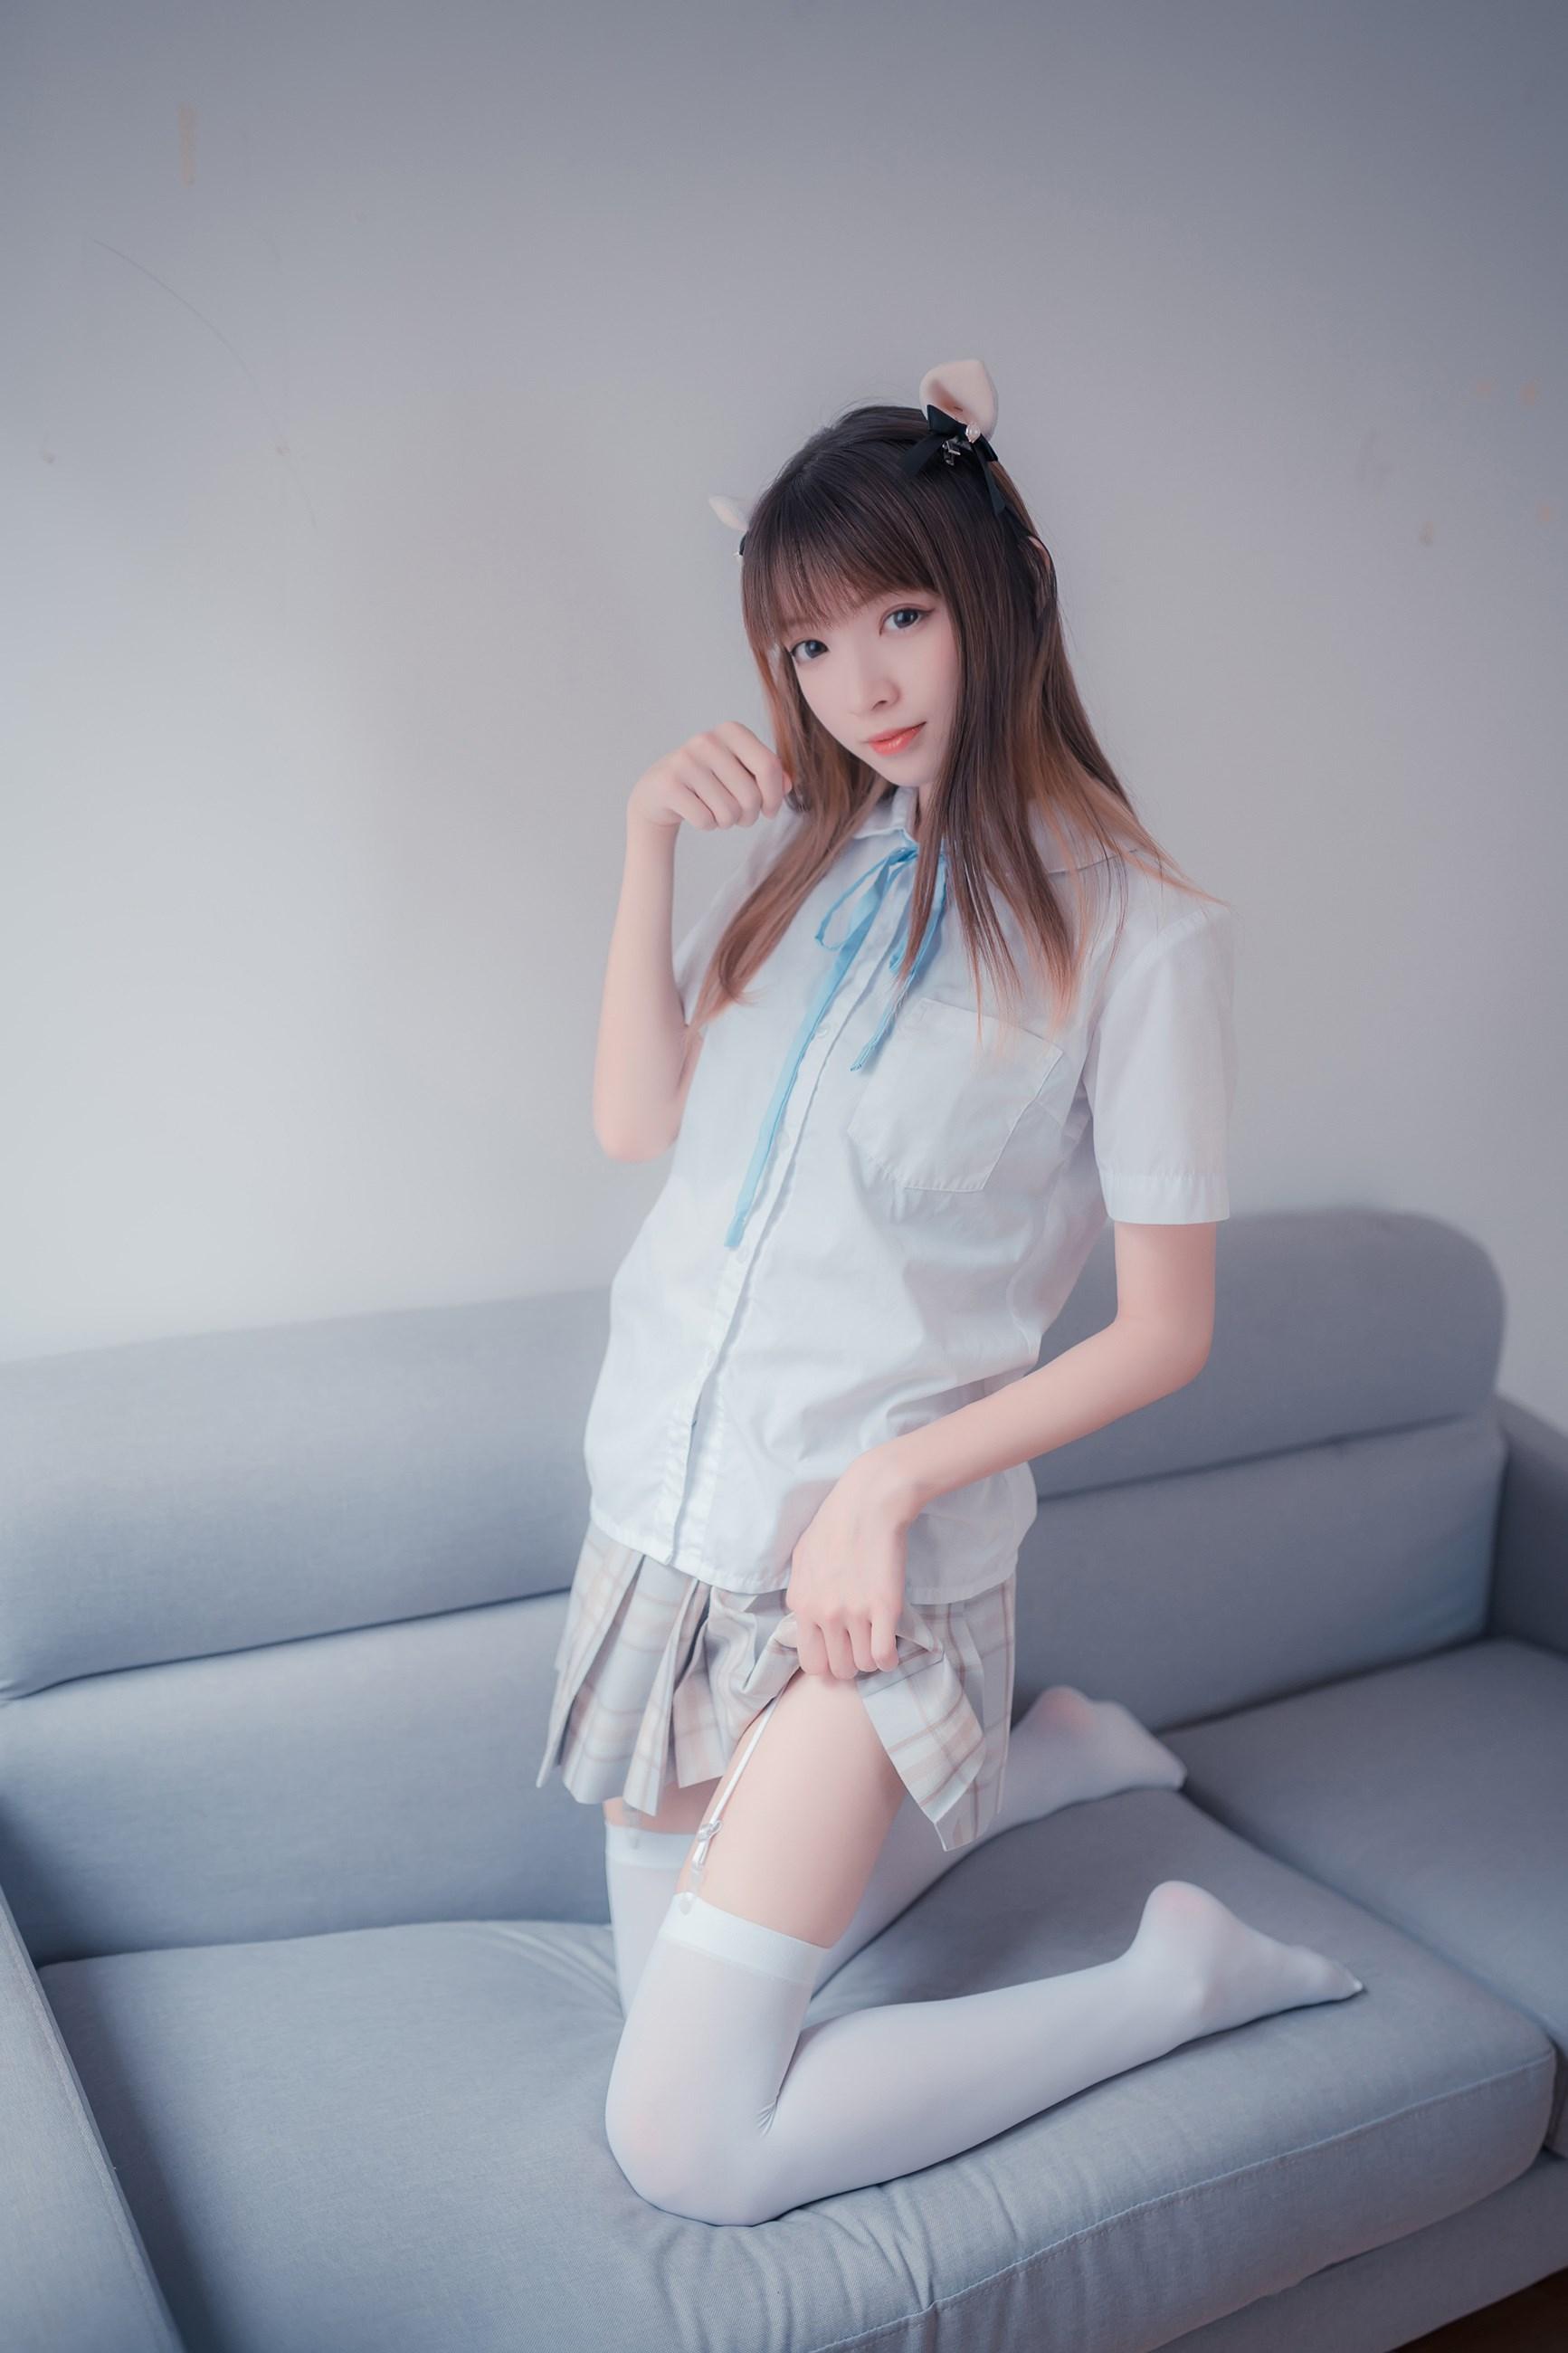 【兔玩映画】沙发上的JK少女 兔玩映画 第9张